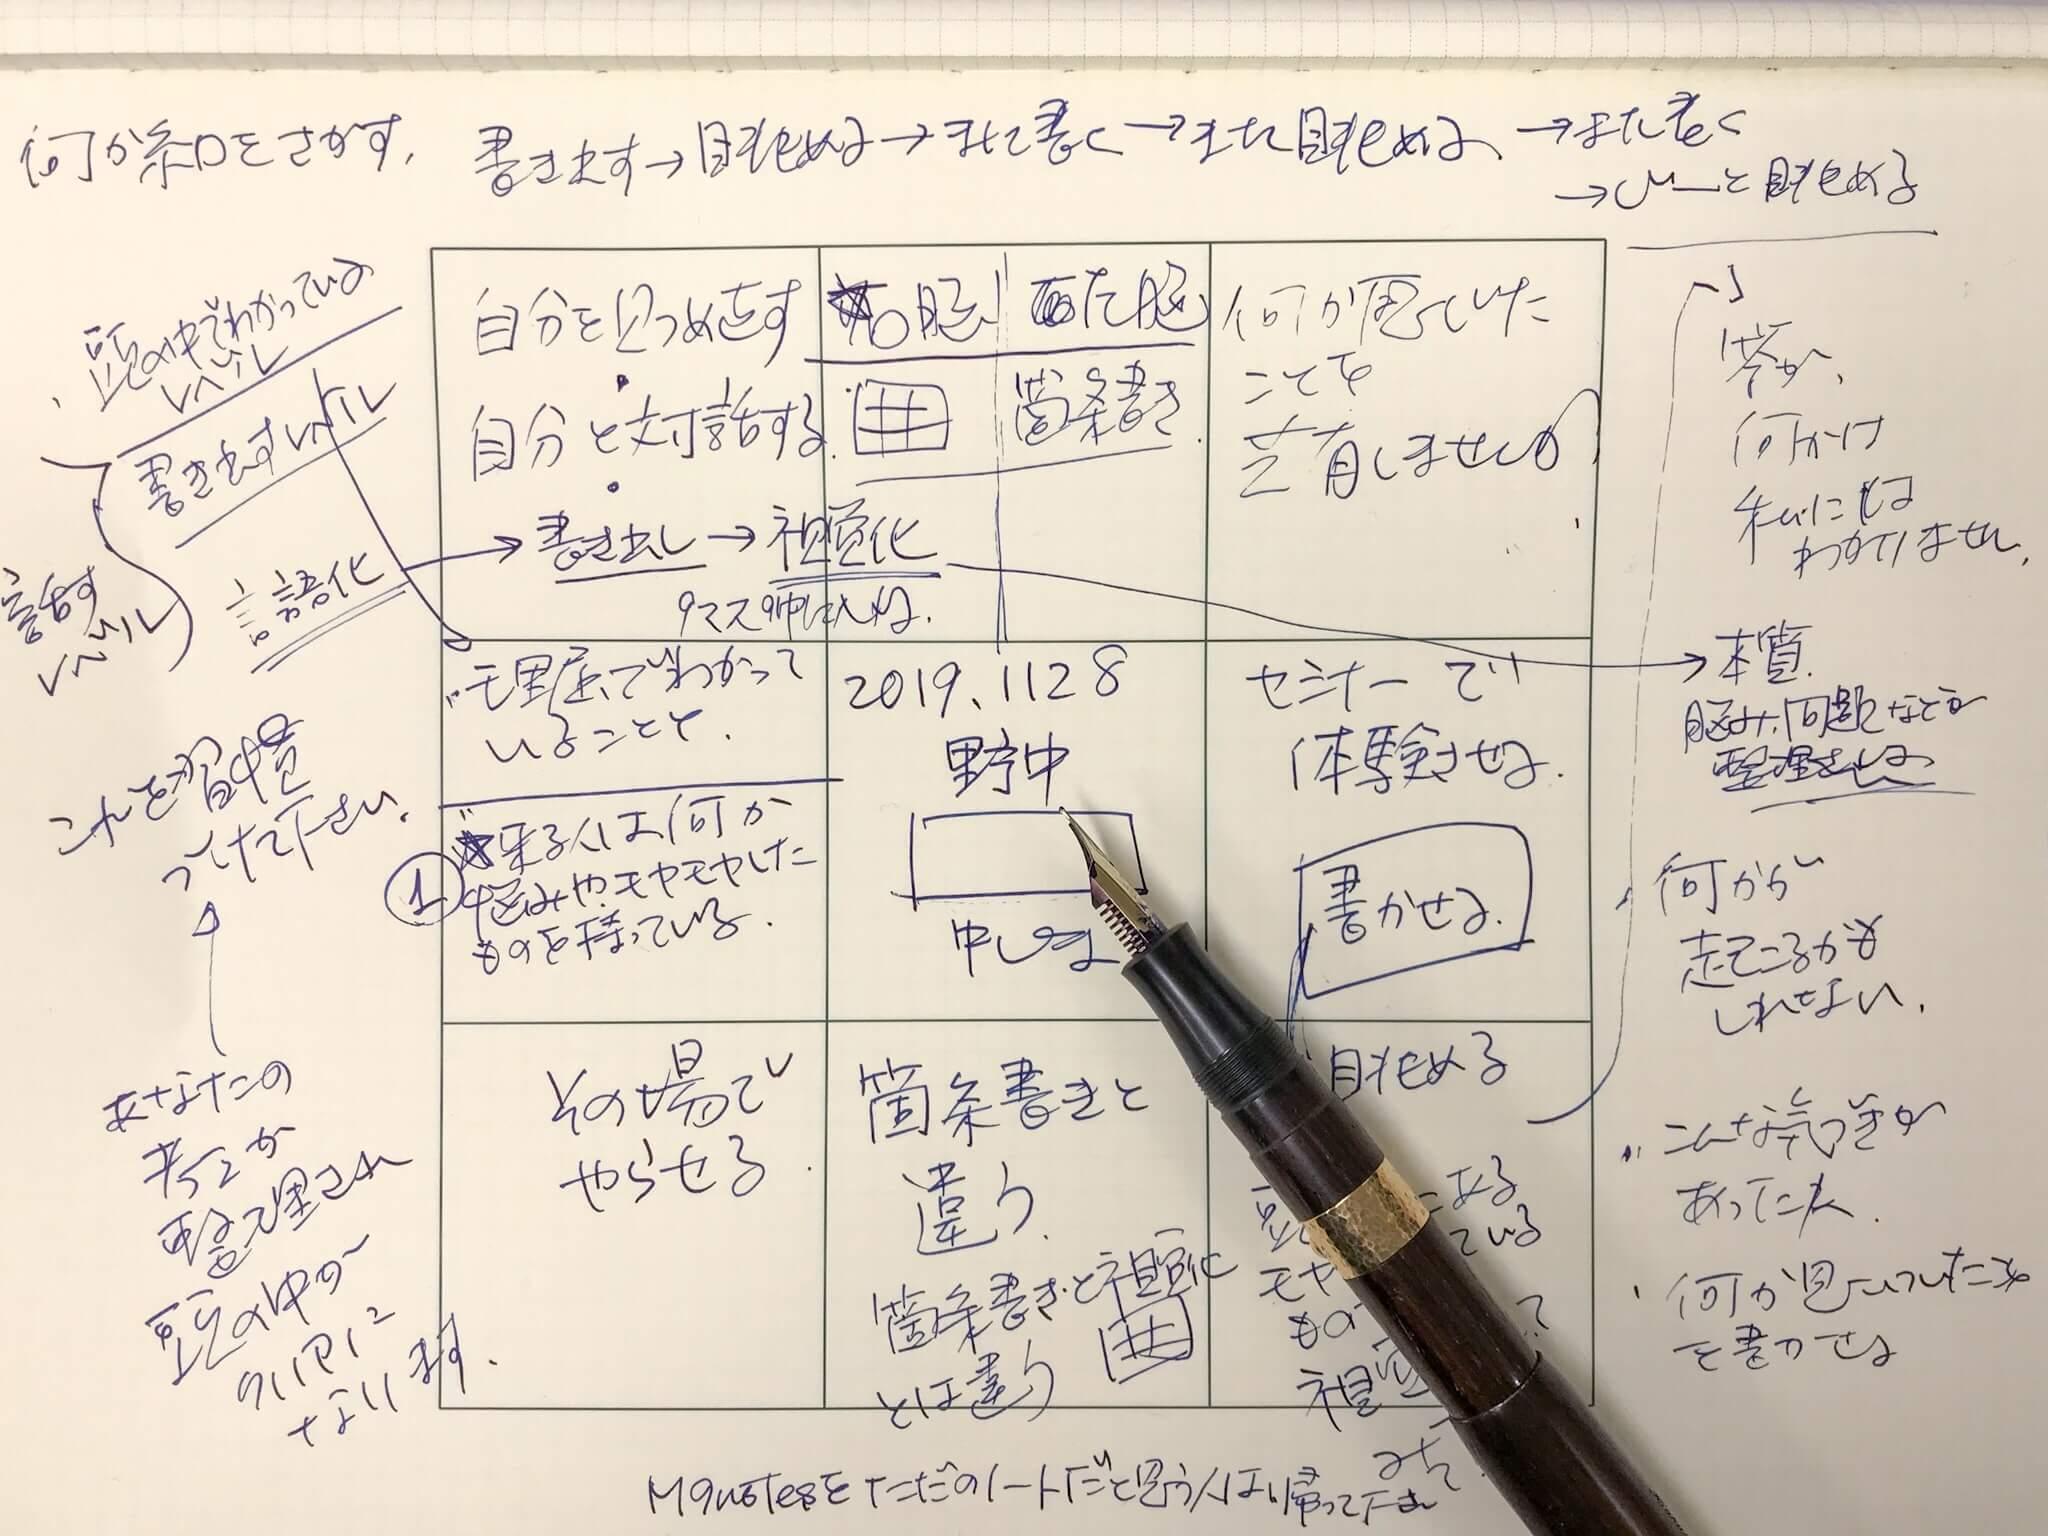 打ち合わせのとき使うノートはM9notesがおすすめ!